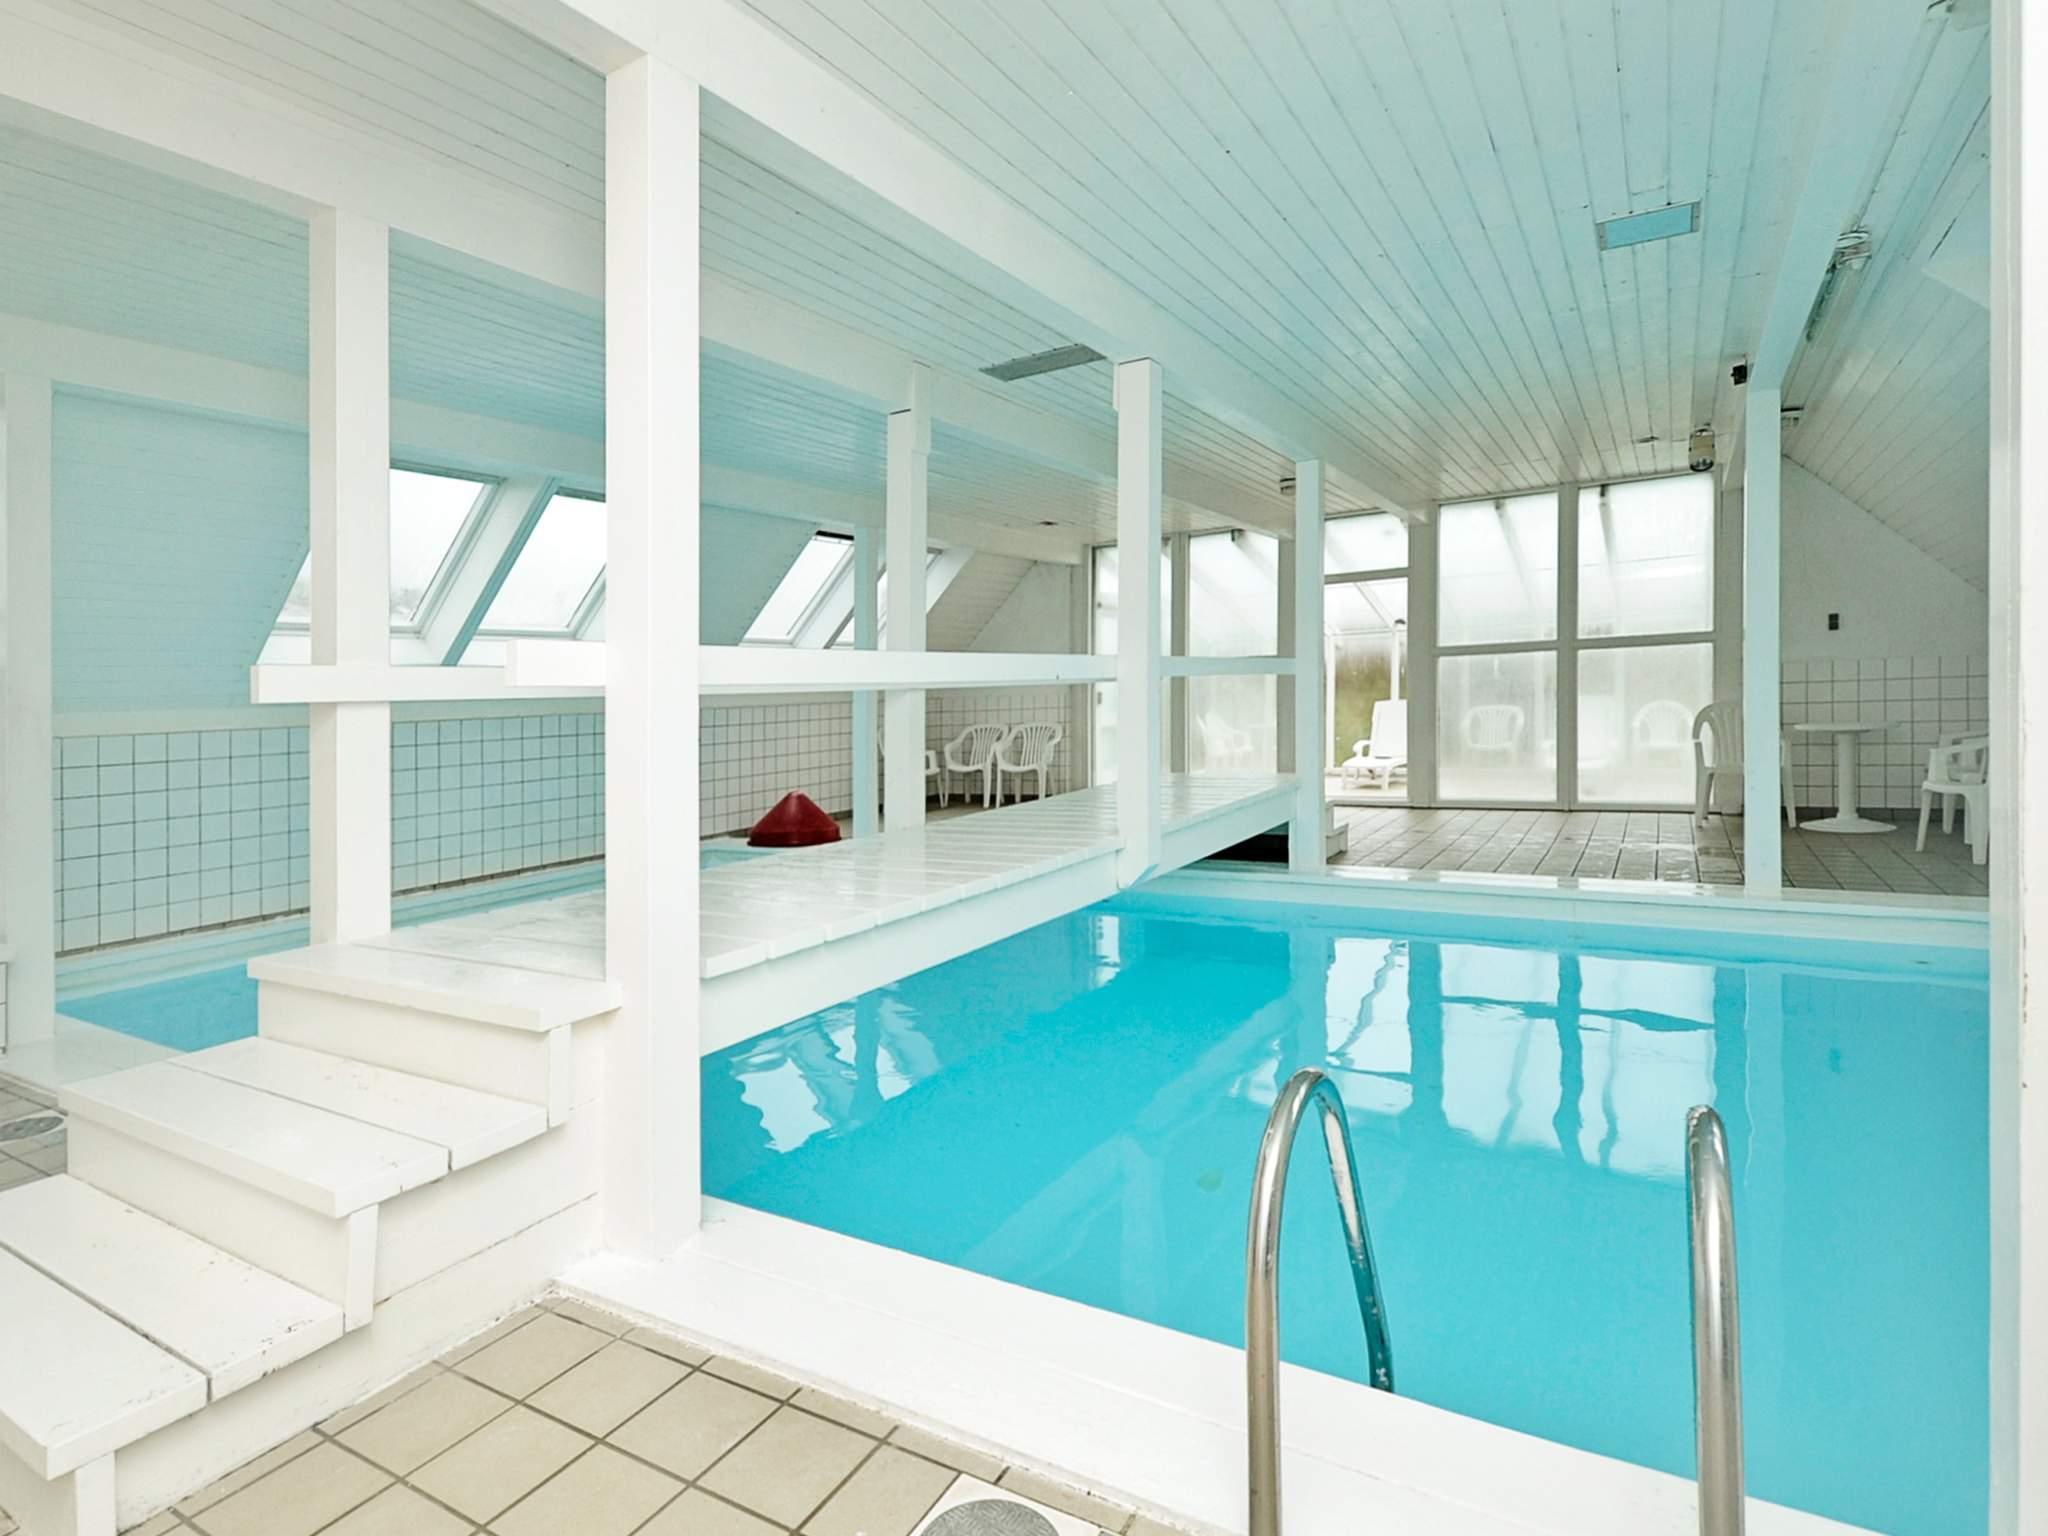 Ferienhaus Fjaltring Ferieby (88883), Fjaltring, , Limfjord, Dänemark, Bild 14